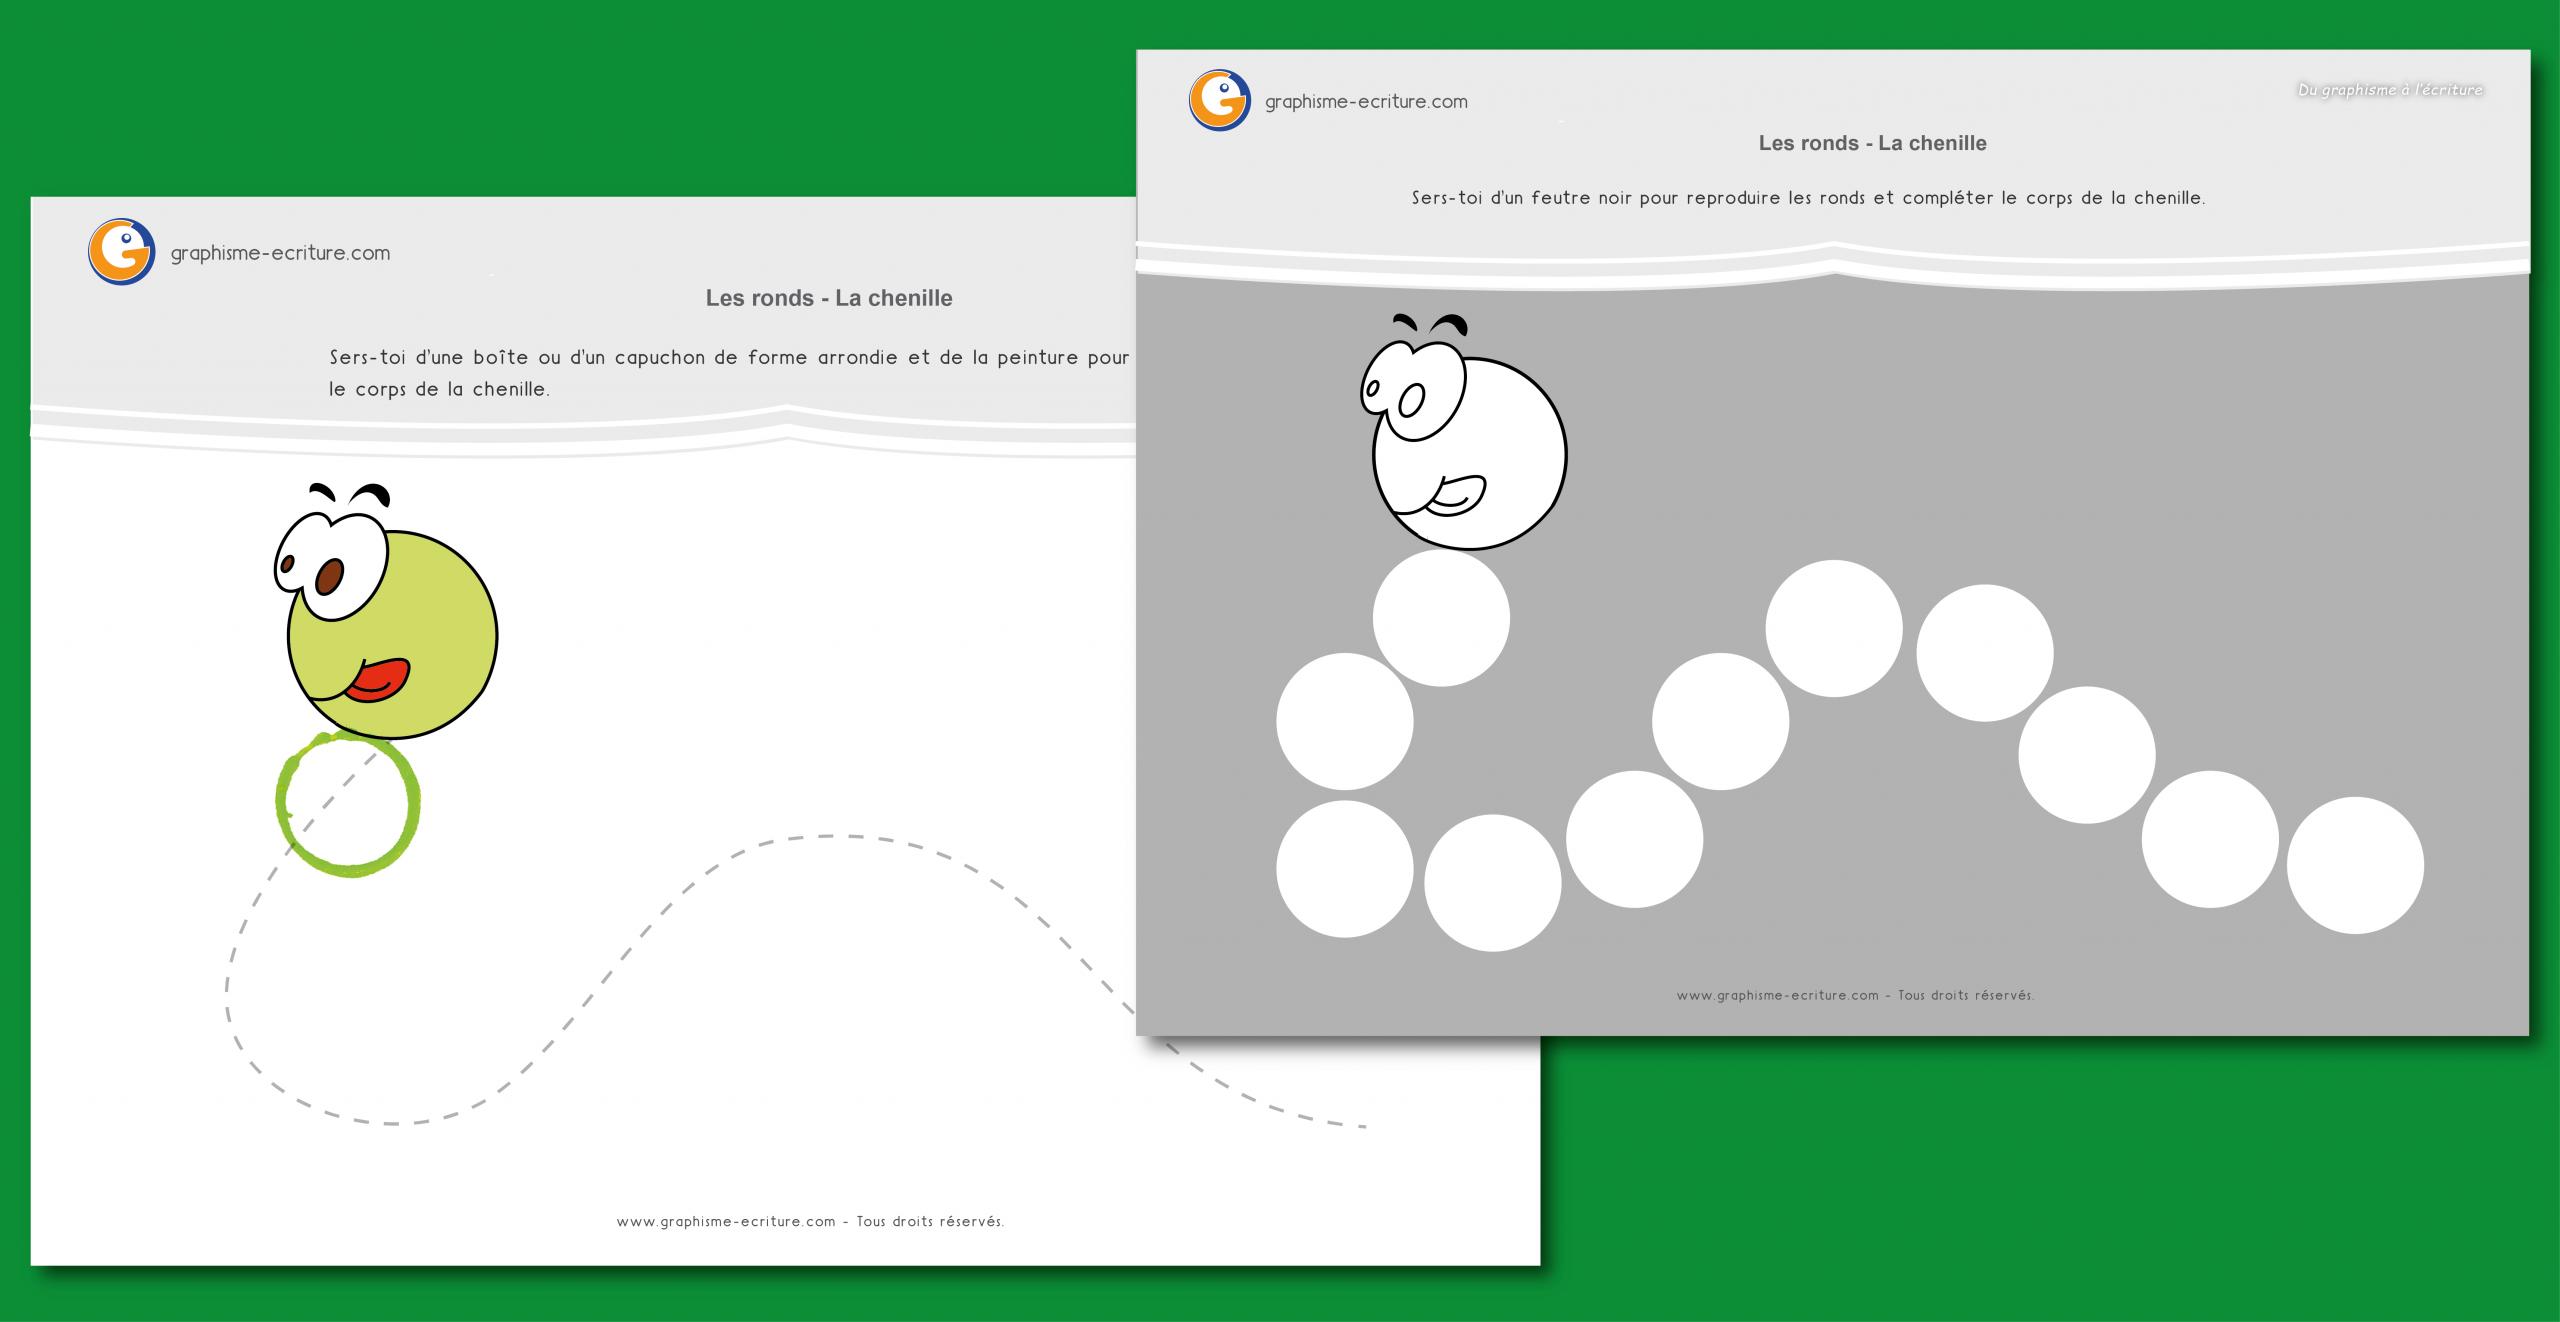 Graphisme Petite Section Ronds : Le Corps De La Chenille encequiconcerne Exercice Pour Maternelle Petite Section